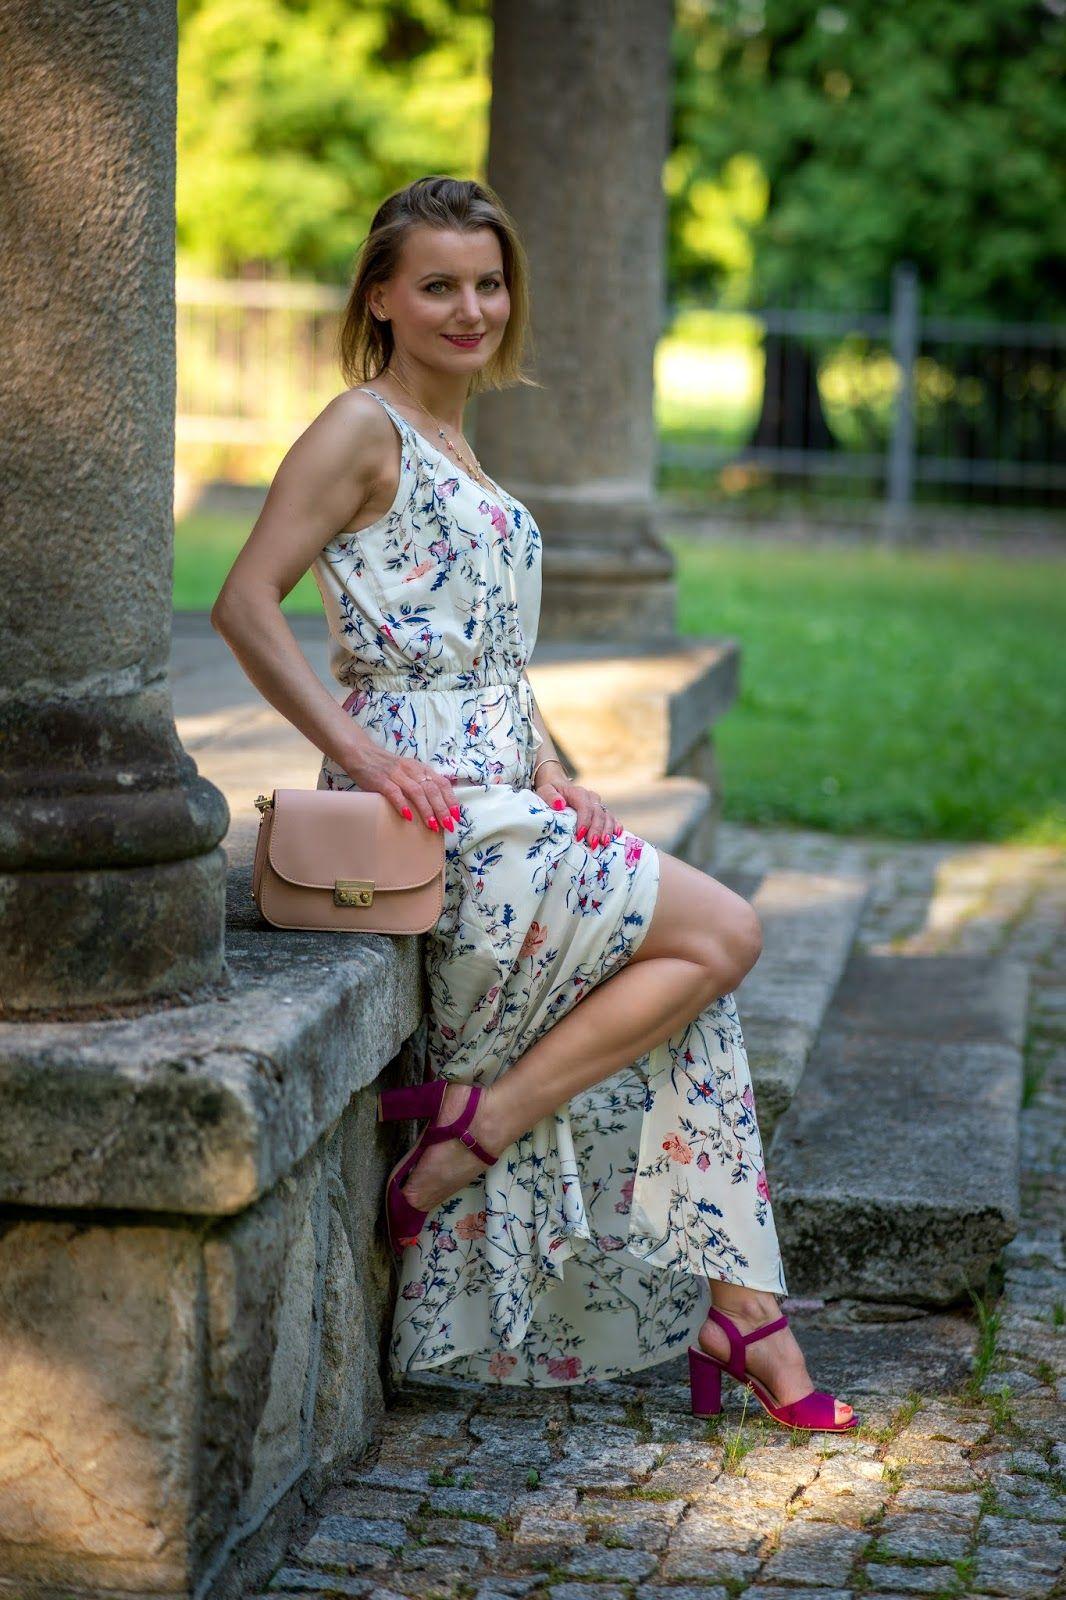 Sukienka Maxi W Kwiaty Idealny Look Na Lato Maxi Dress With Flowers Annastylefashion Dresses Maxi Dress Flower Dresses